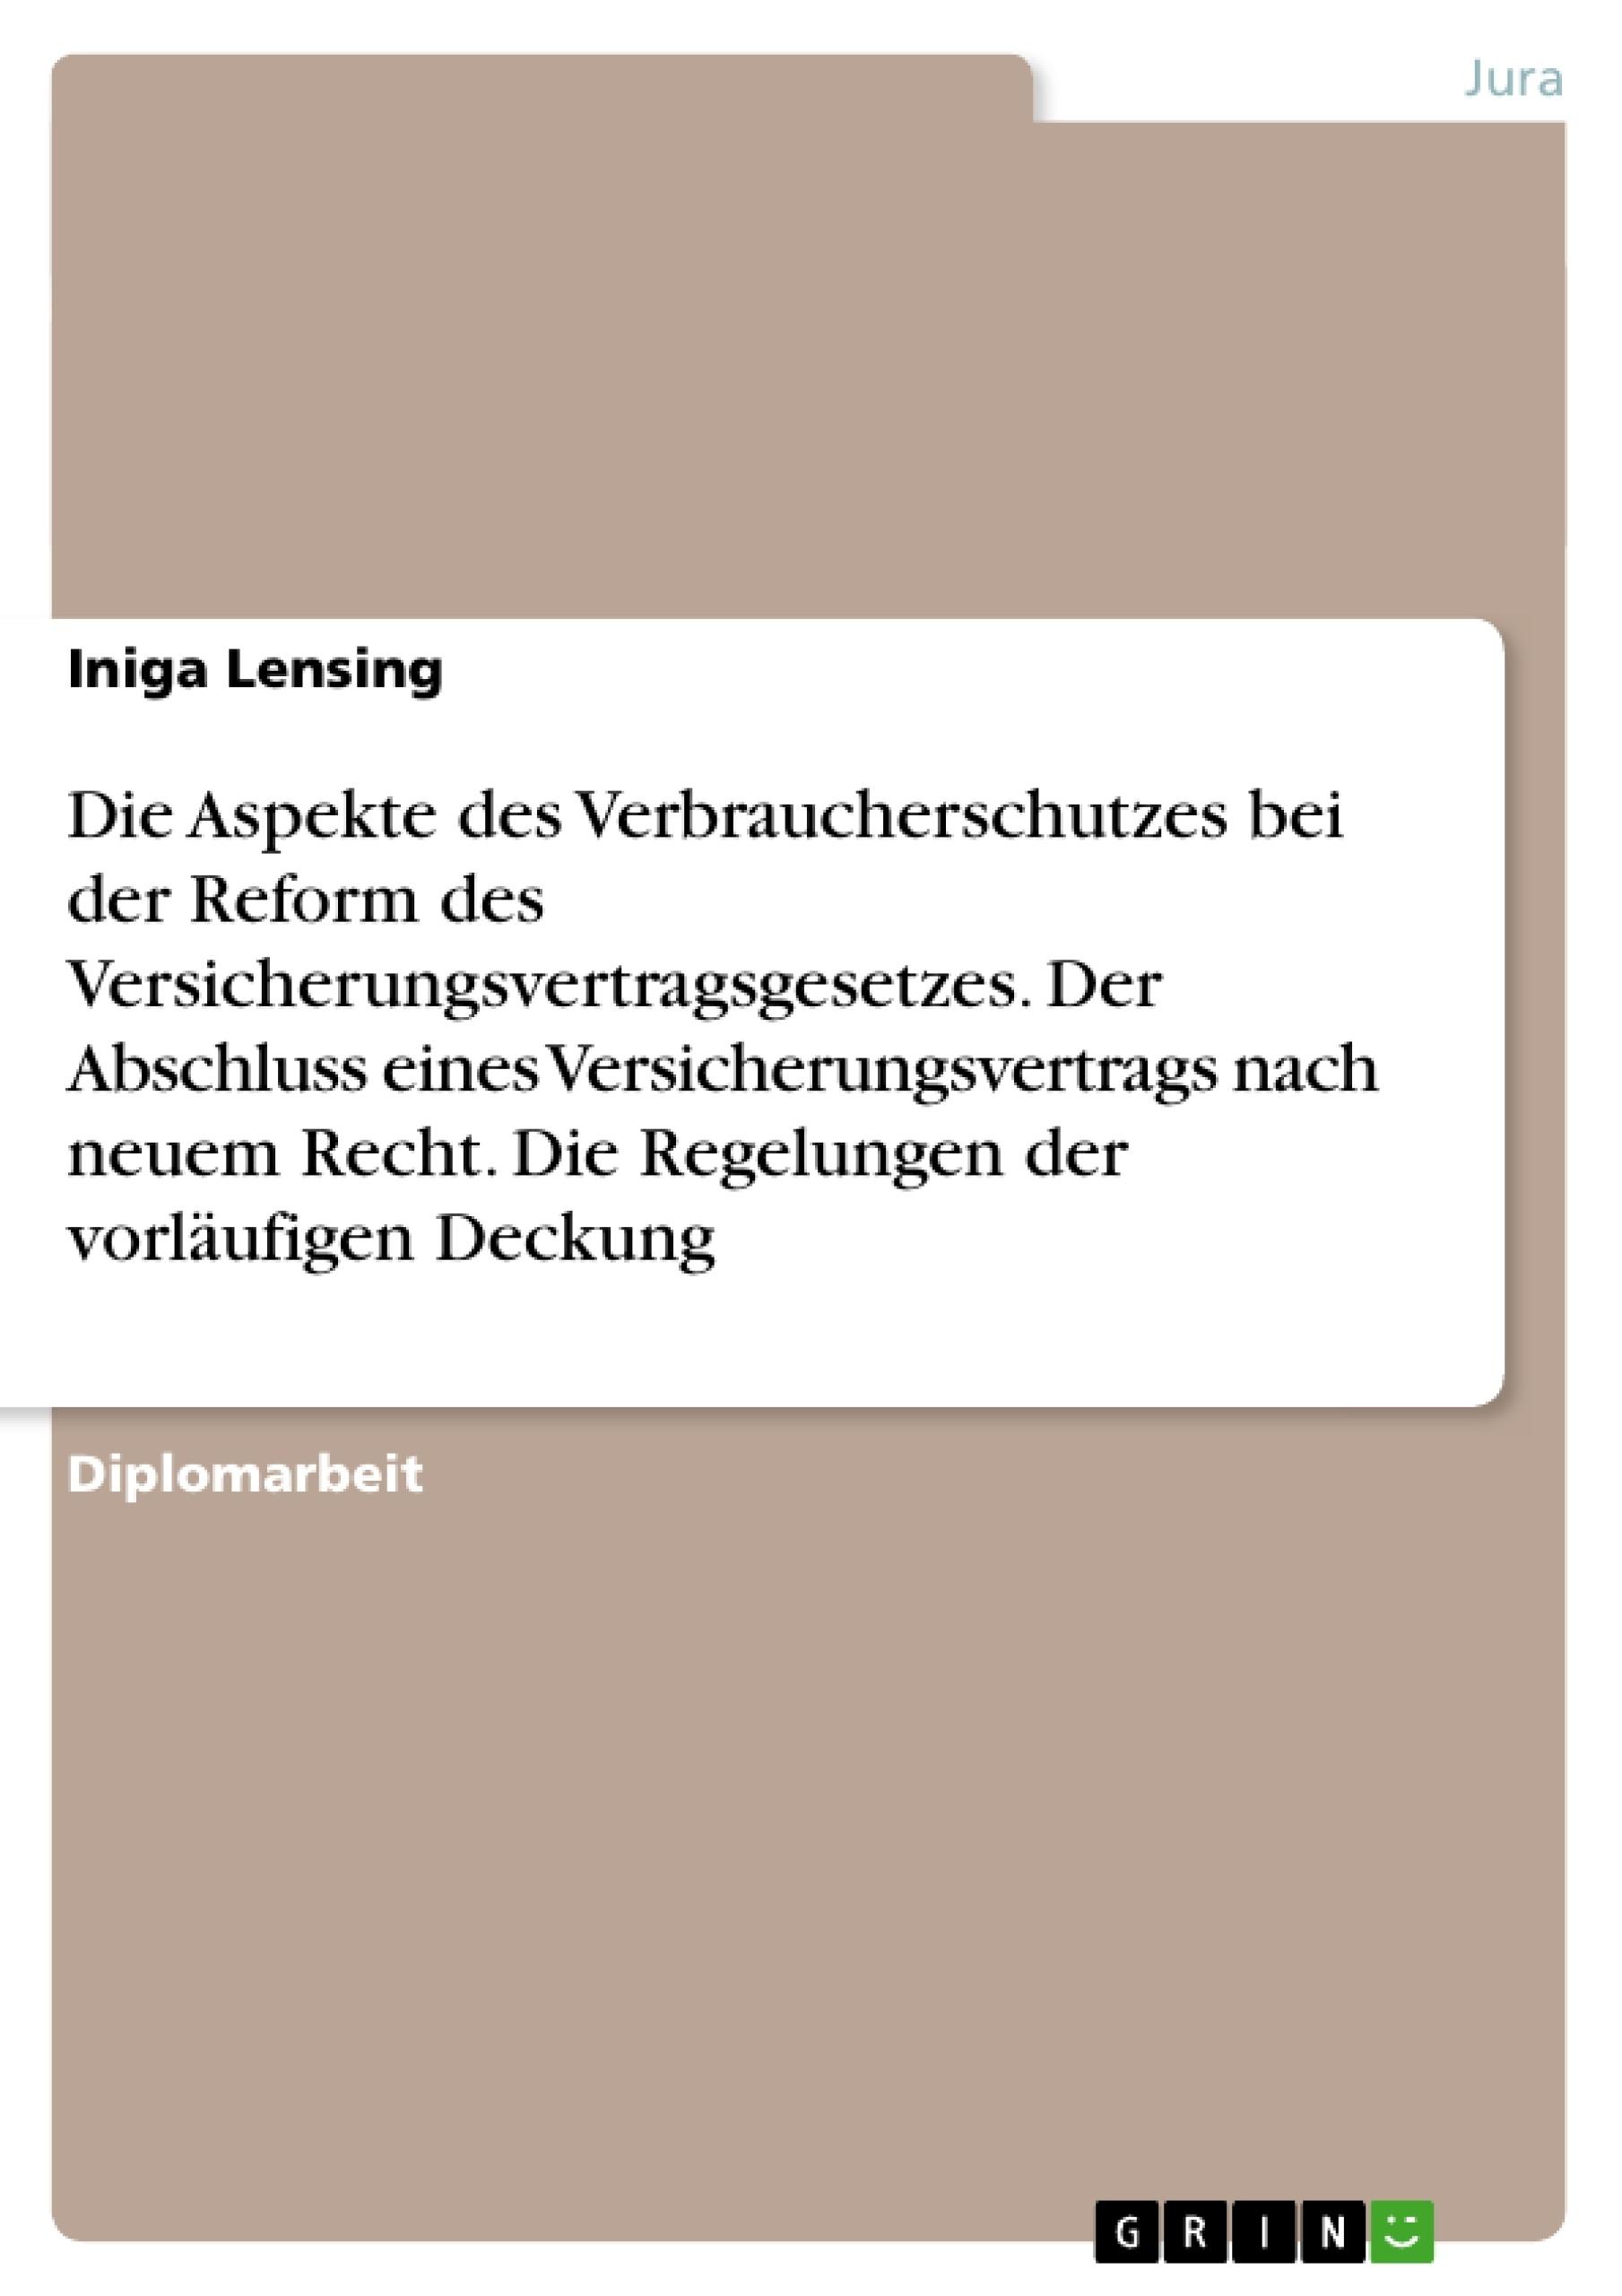 Titel: Die Aspekte des Verbraucherschutzes bei der Reform des Versicherungsvertragsgesetzes. Der Abschluss eines Versicherungsvertrags nach neuem Recht. Die Regelungen der vorläufigen Deckung